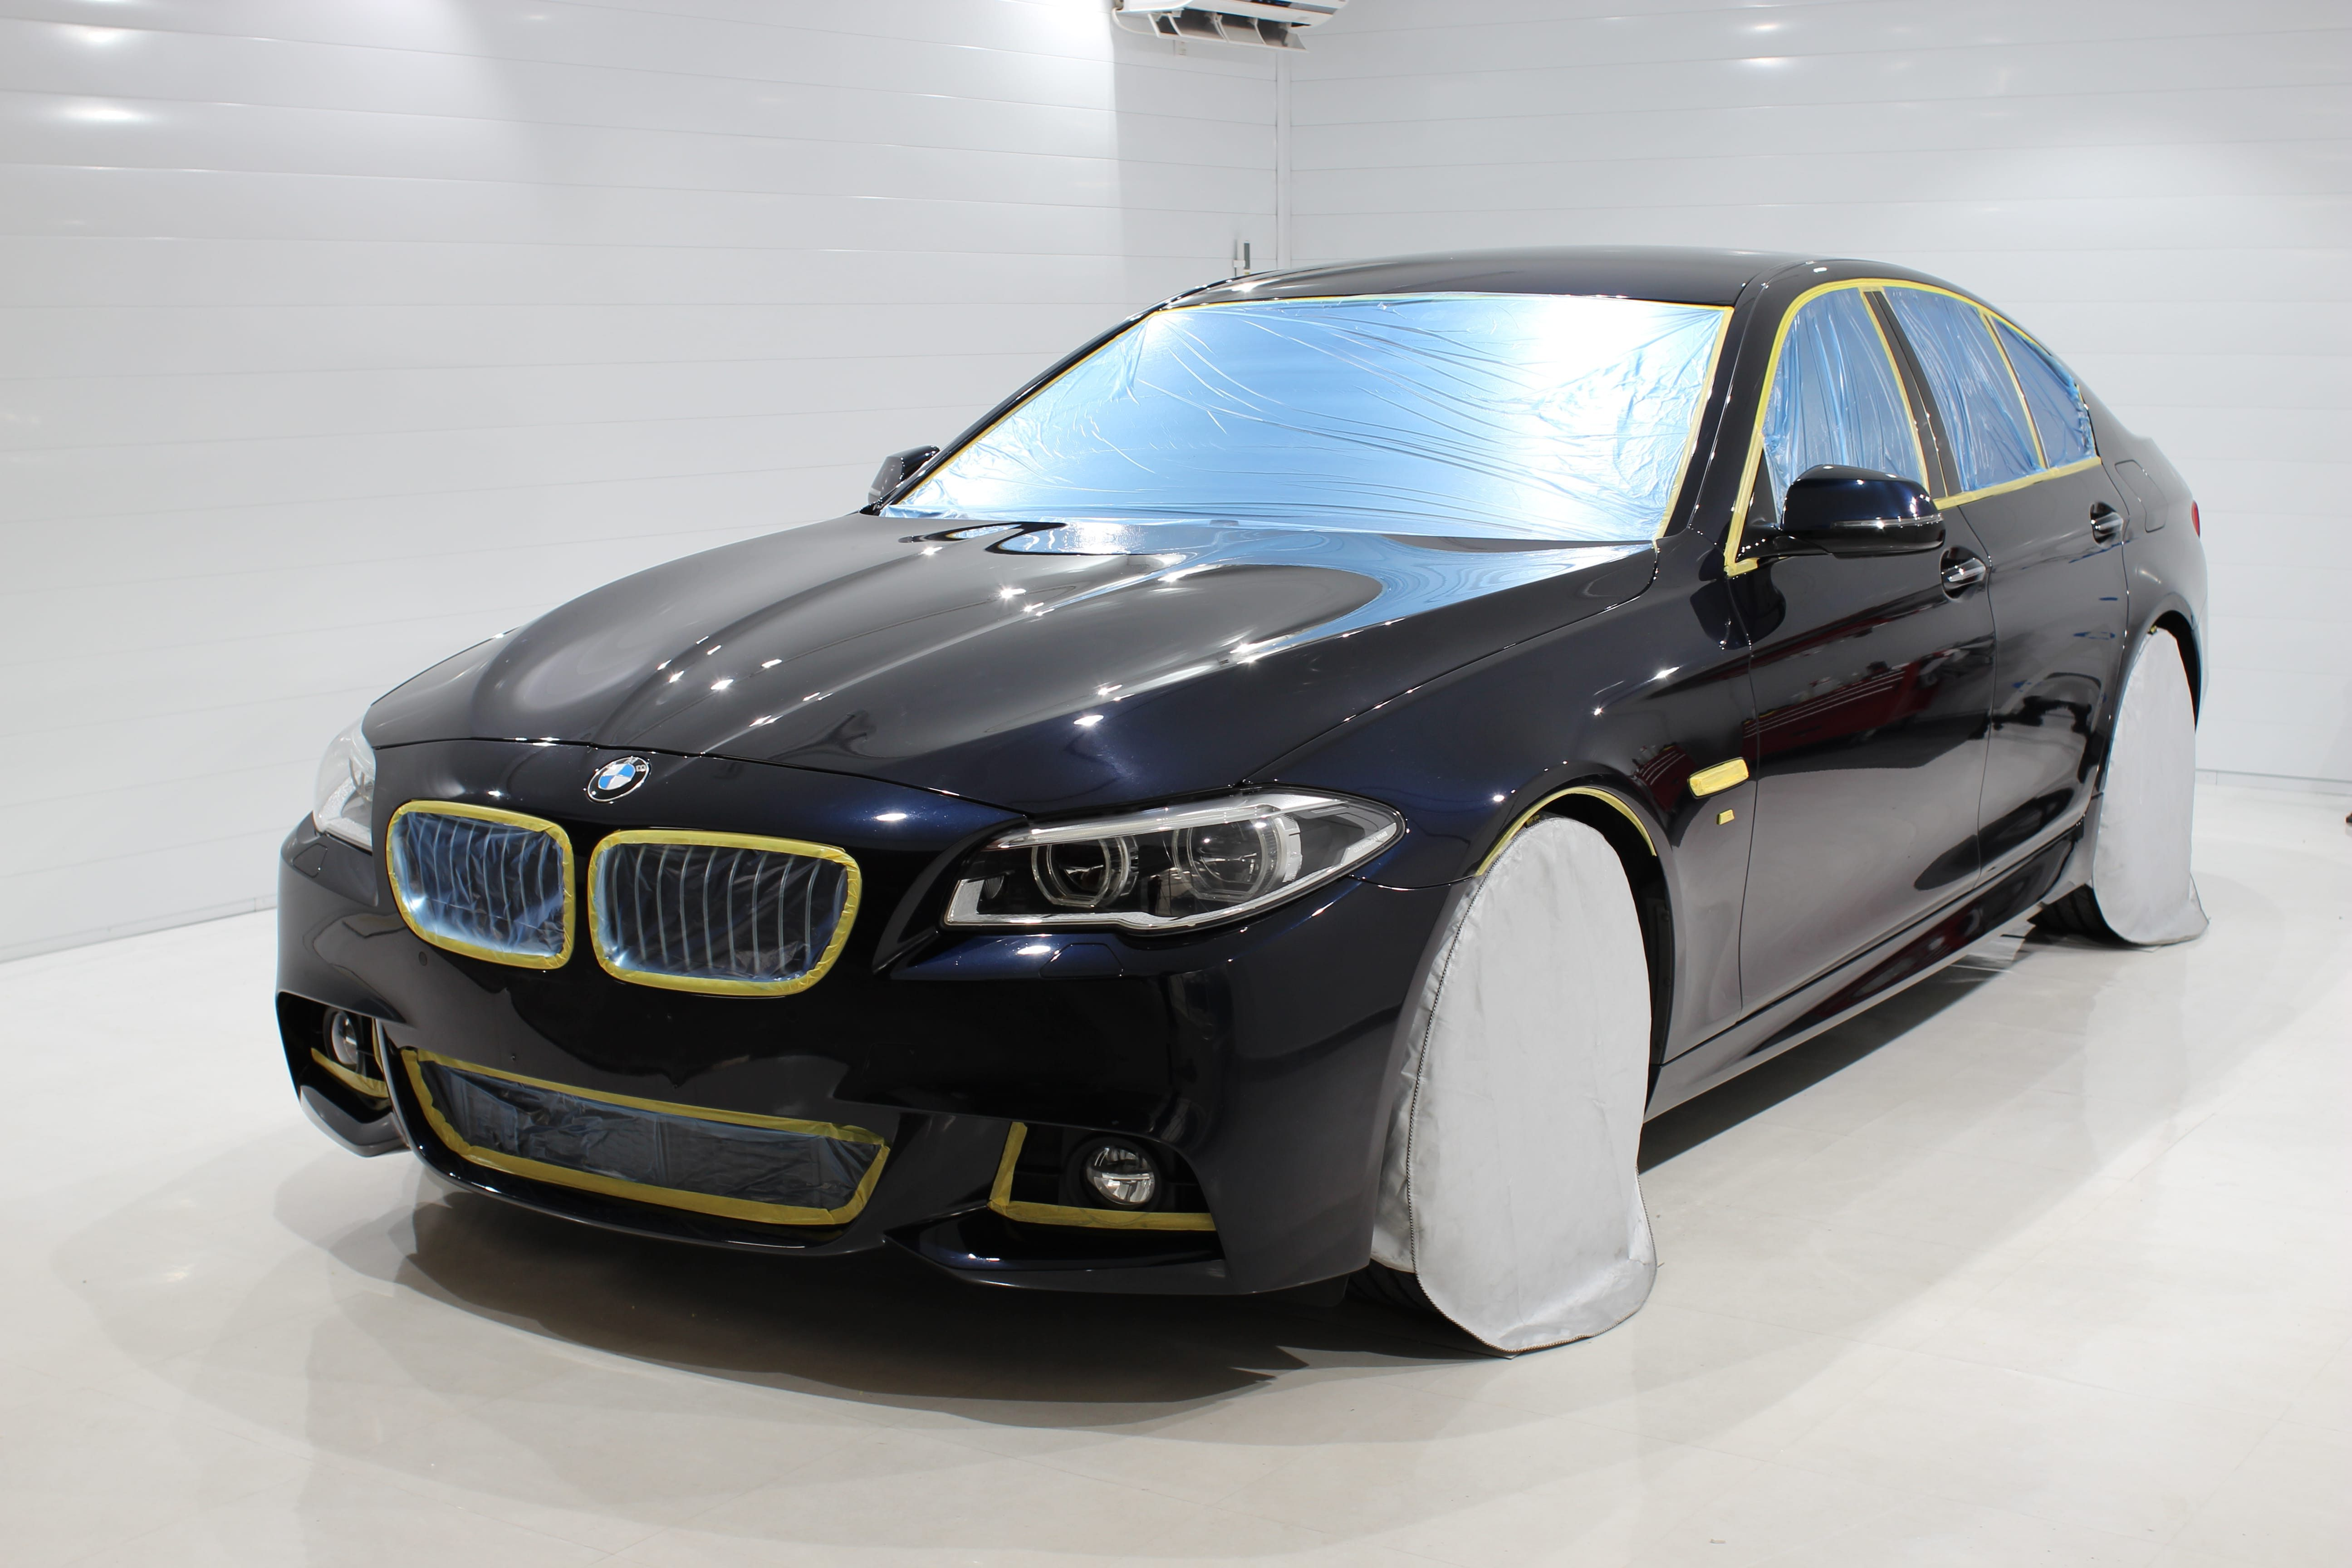 BMW5シリーズ クレイトスセラミックボディーコーティング ルームクリーニング